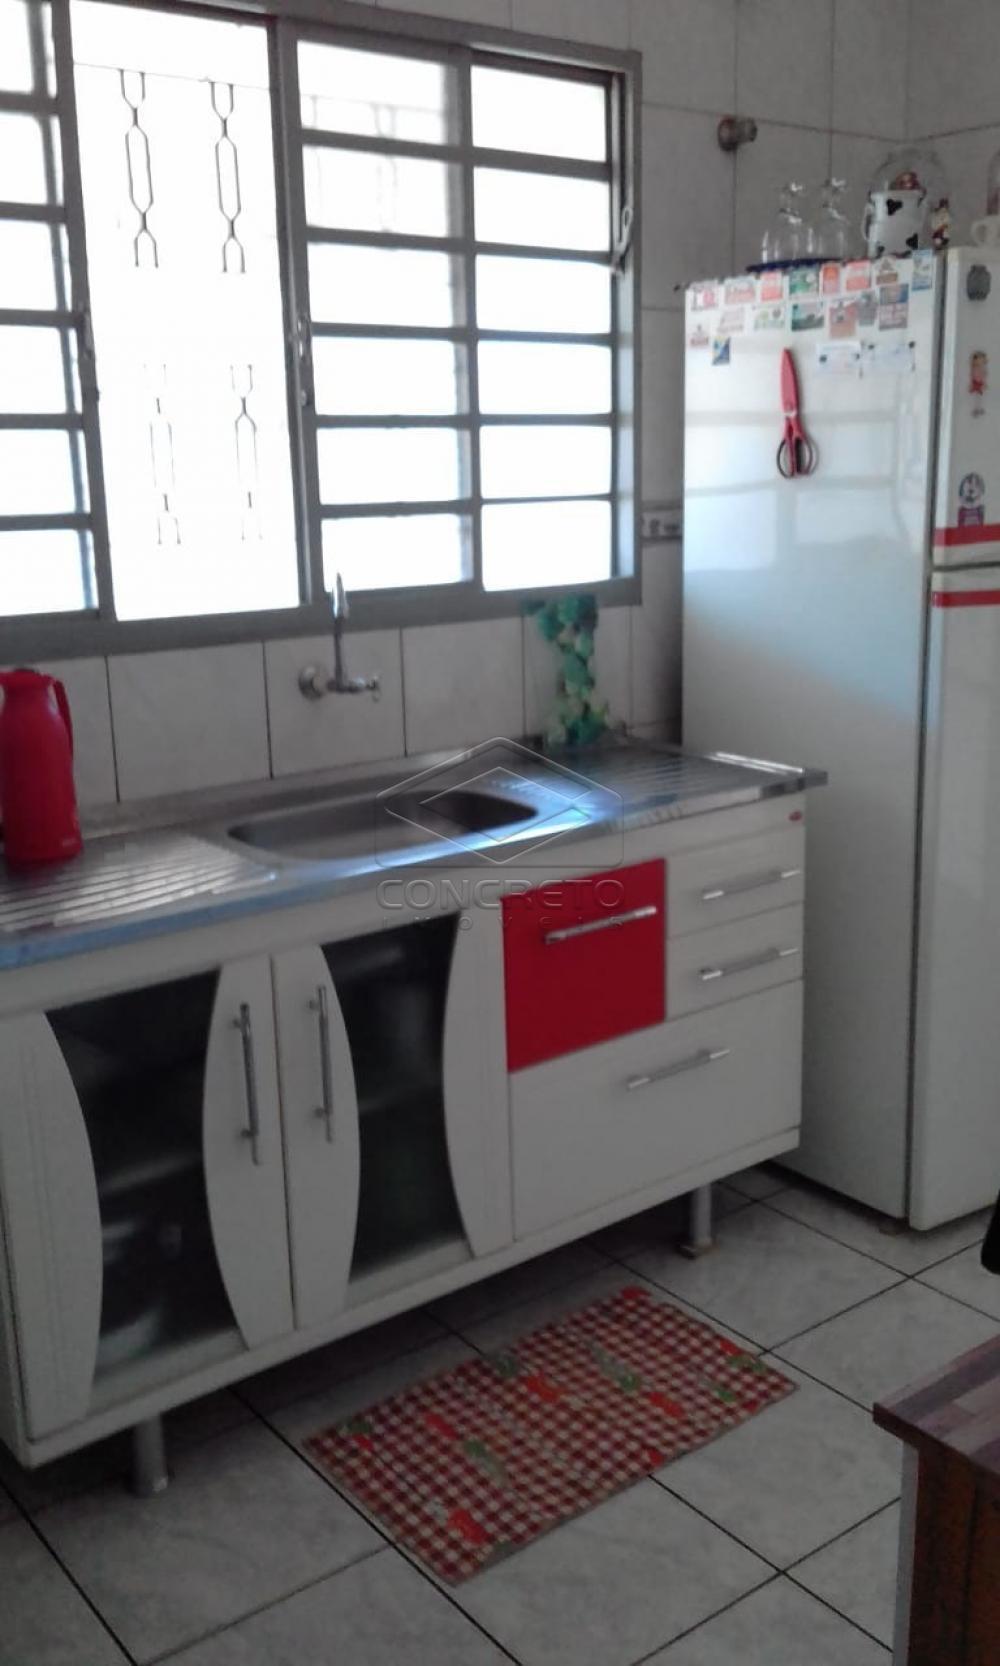 Comprar Casa / Padrão em Bauru apenas R$ 200.000,00 - Foto 6